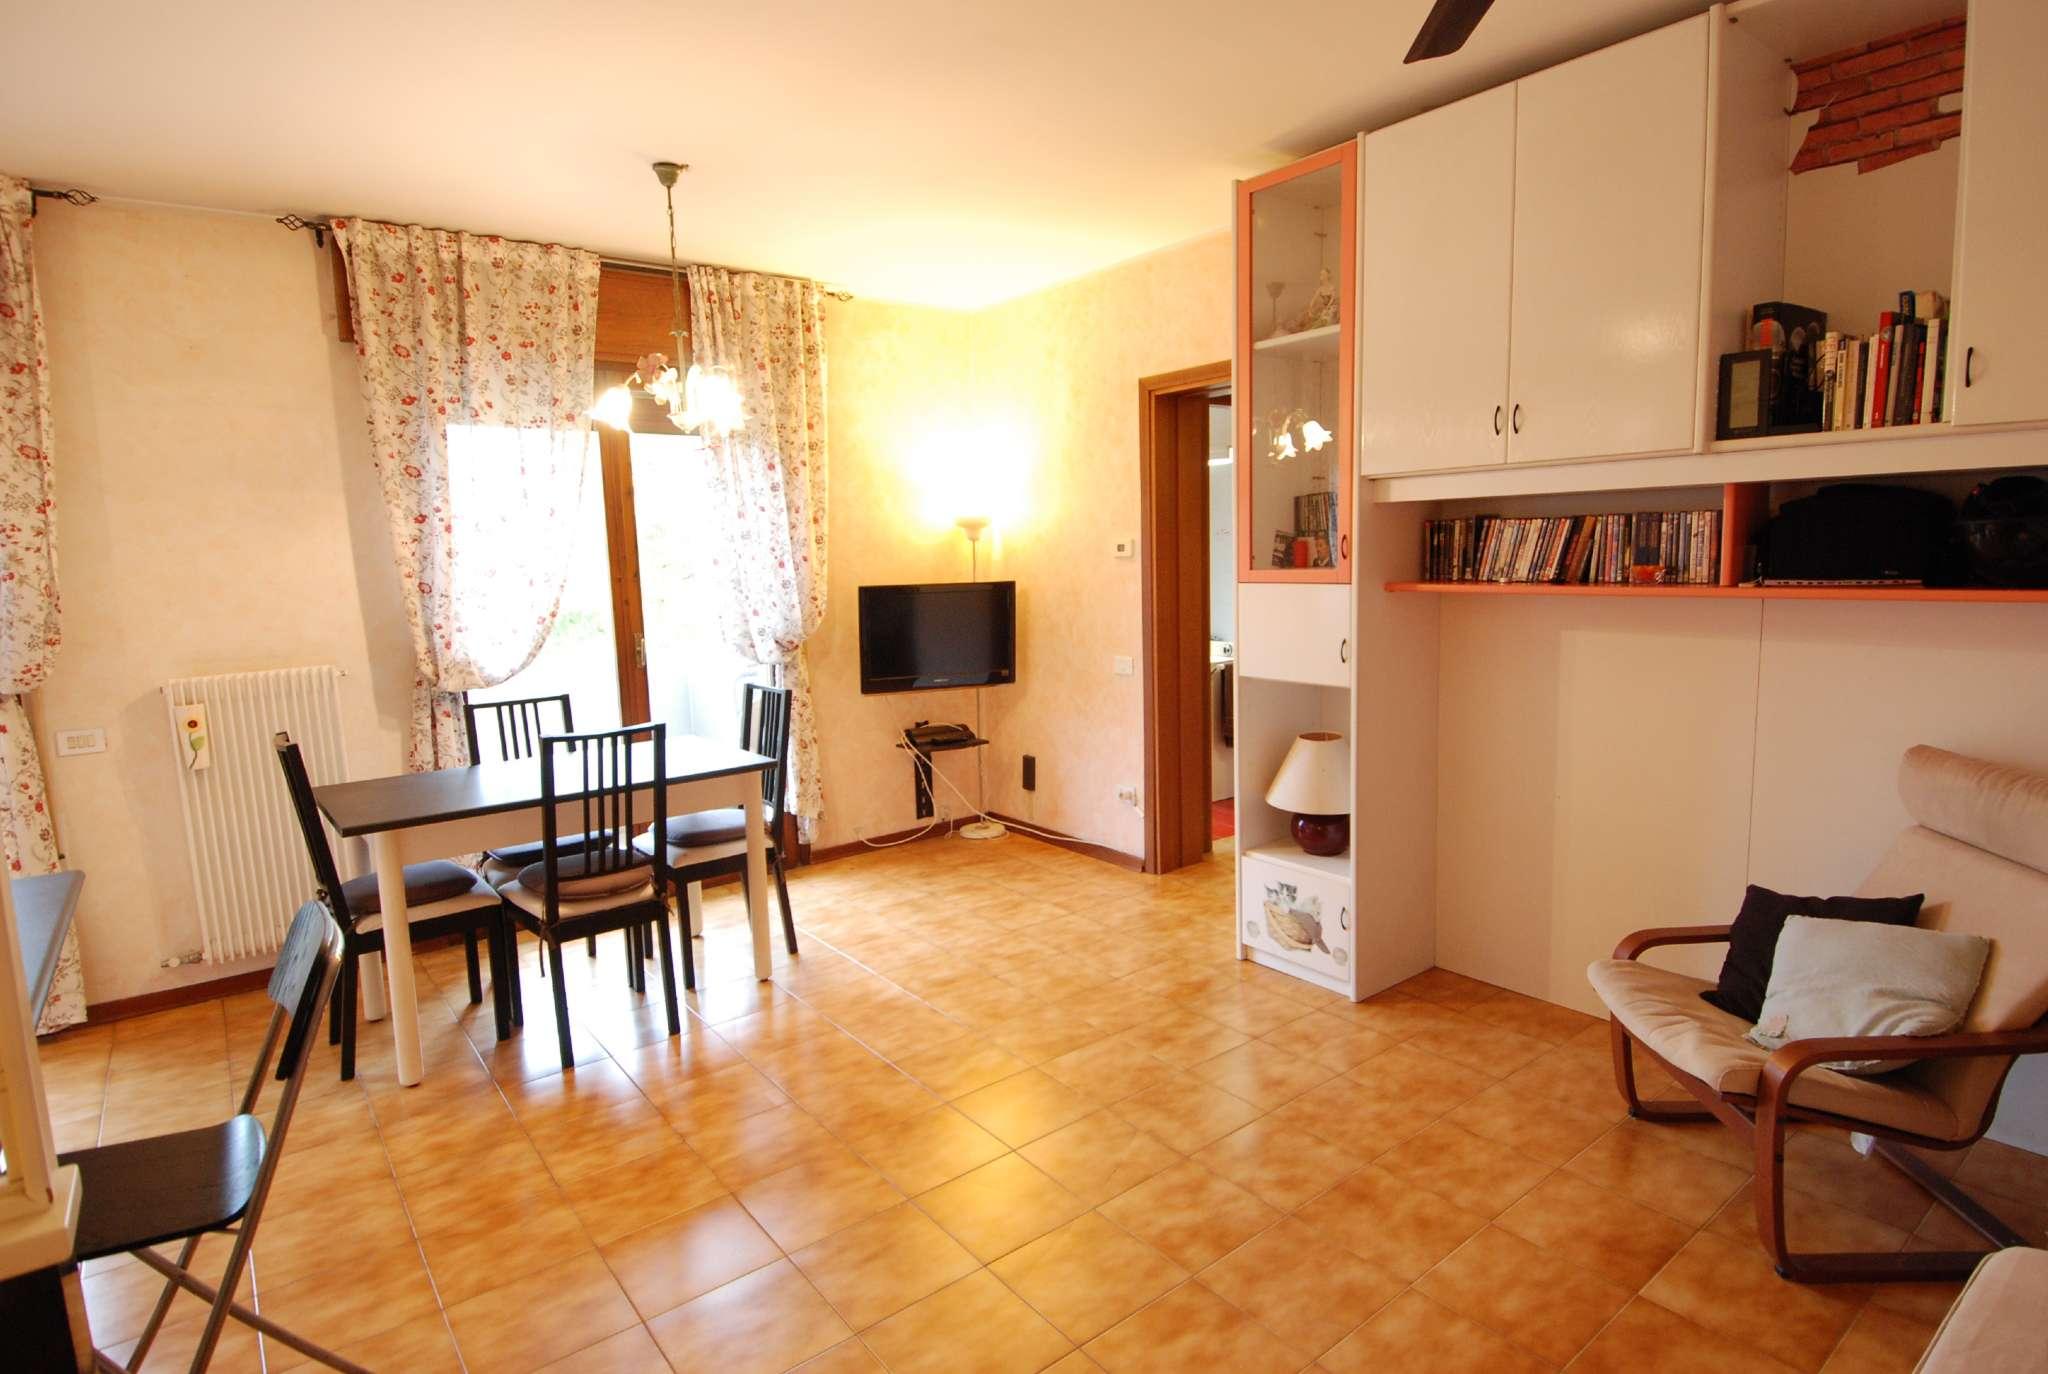 Appartamento BICAMERE zona residenziale